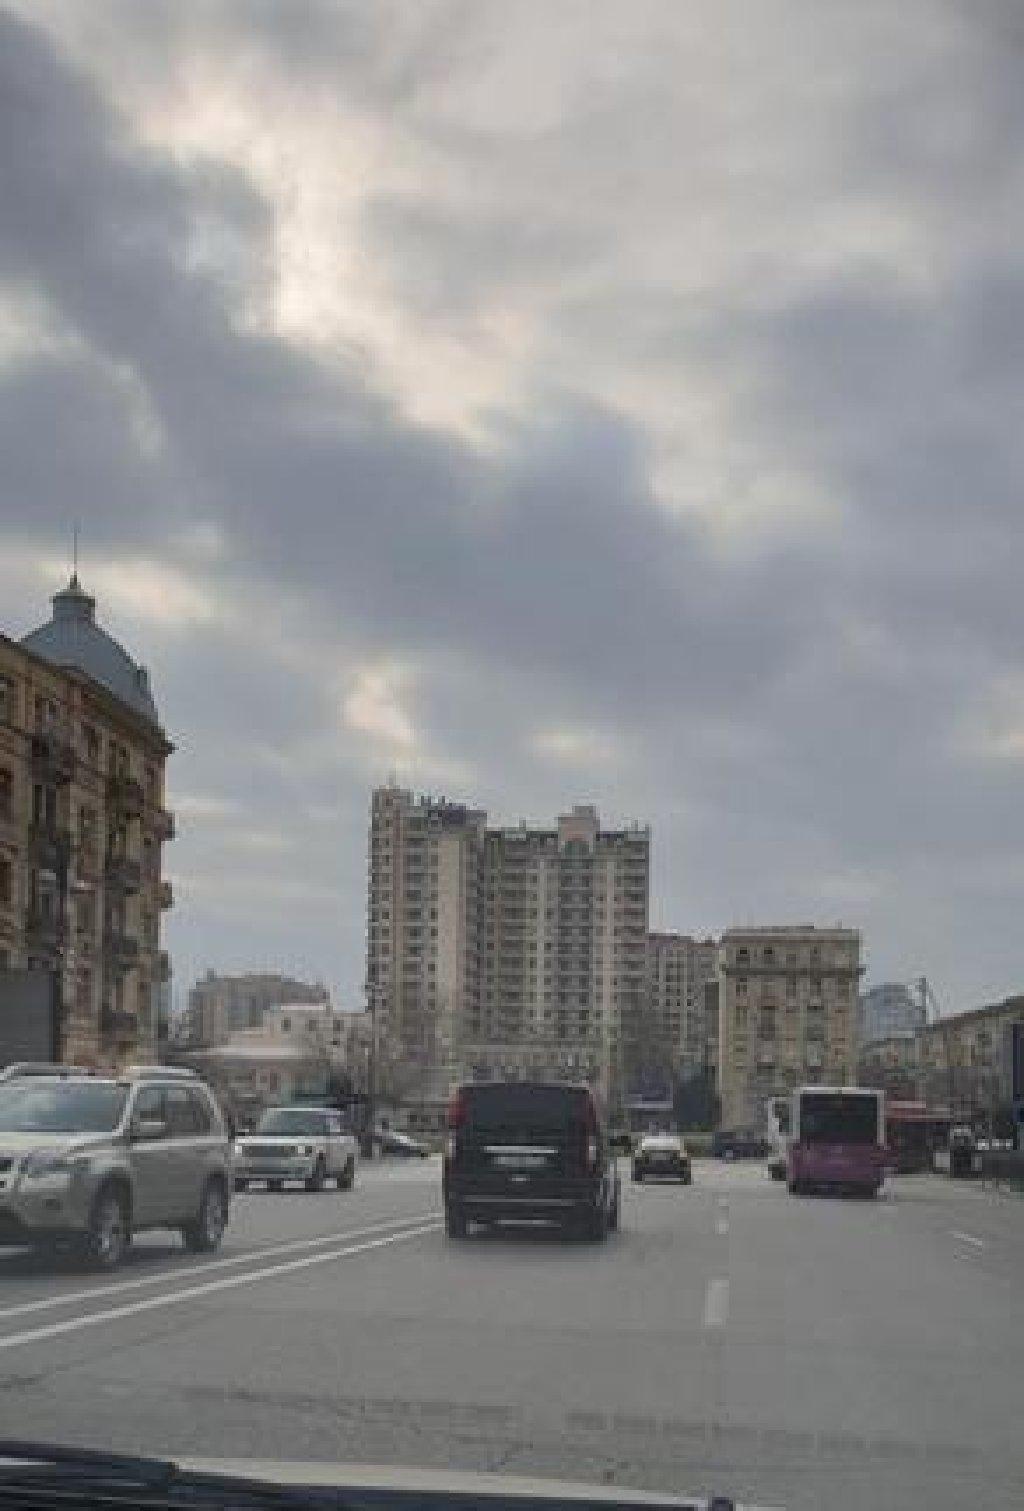 Qaz və Çıxarış! Yasamal rayonu, Nizami metrosu və Mərkəzi Univermaq (MUM) yaxınlıqında yüksək arxitektur quruluşda  inşa edilmiş, aqlay üzülüklü binada 4 otaqlı təmirsiz mənzil satılır